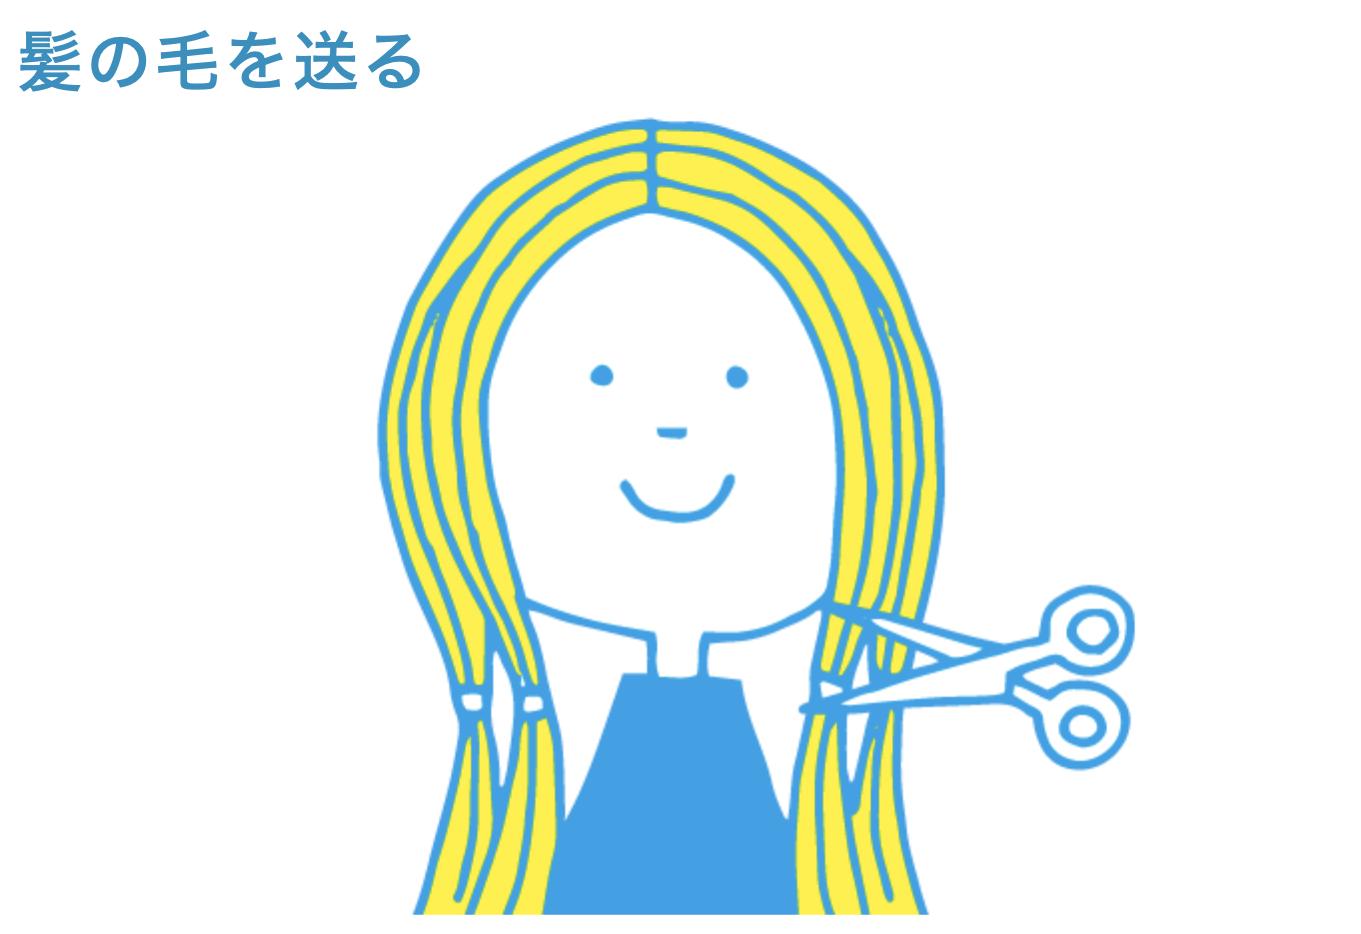 大切な髪の毛の寄付 〜ヘアドネーションについて〜